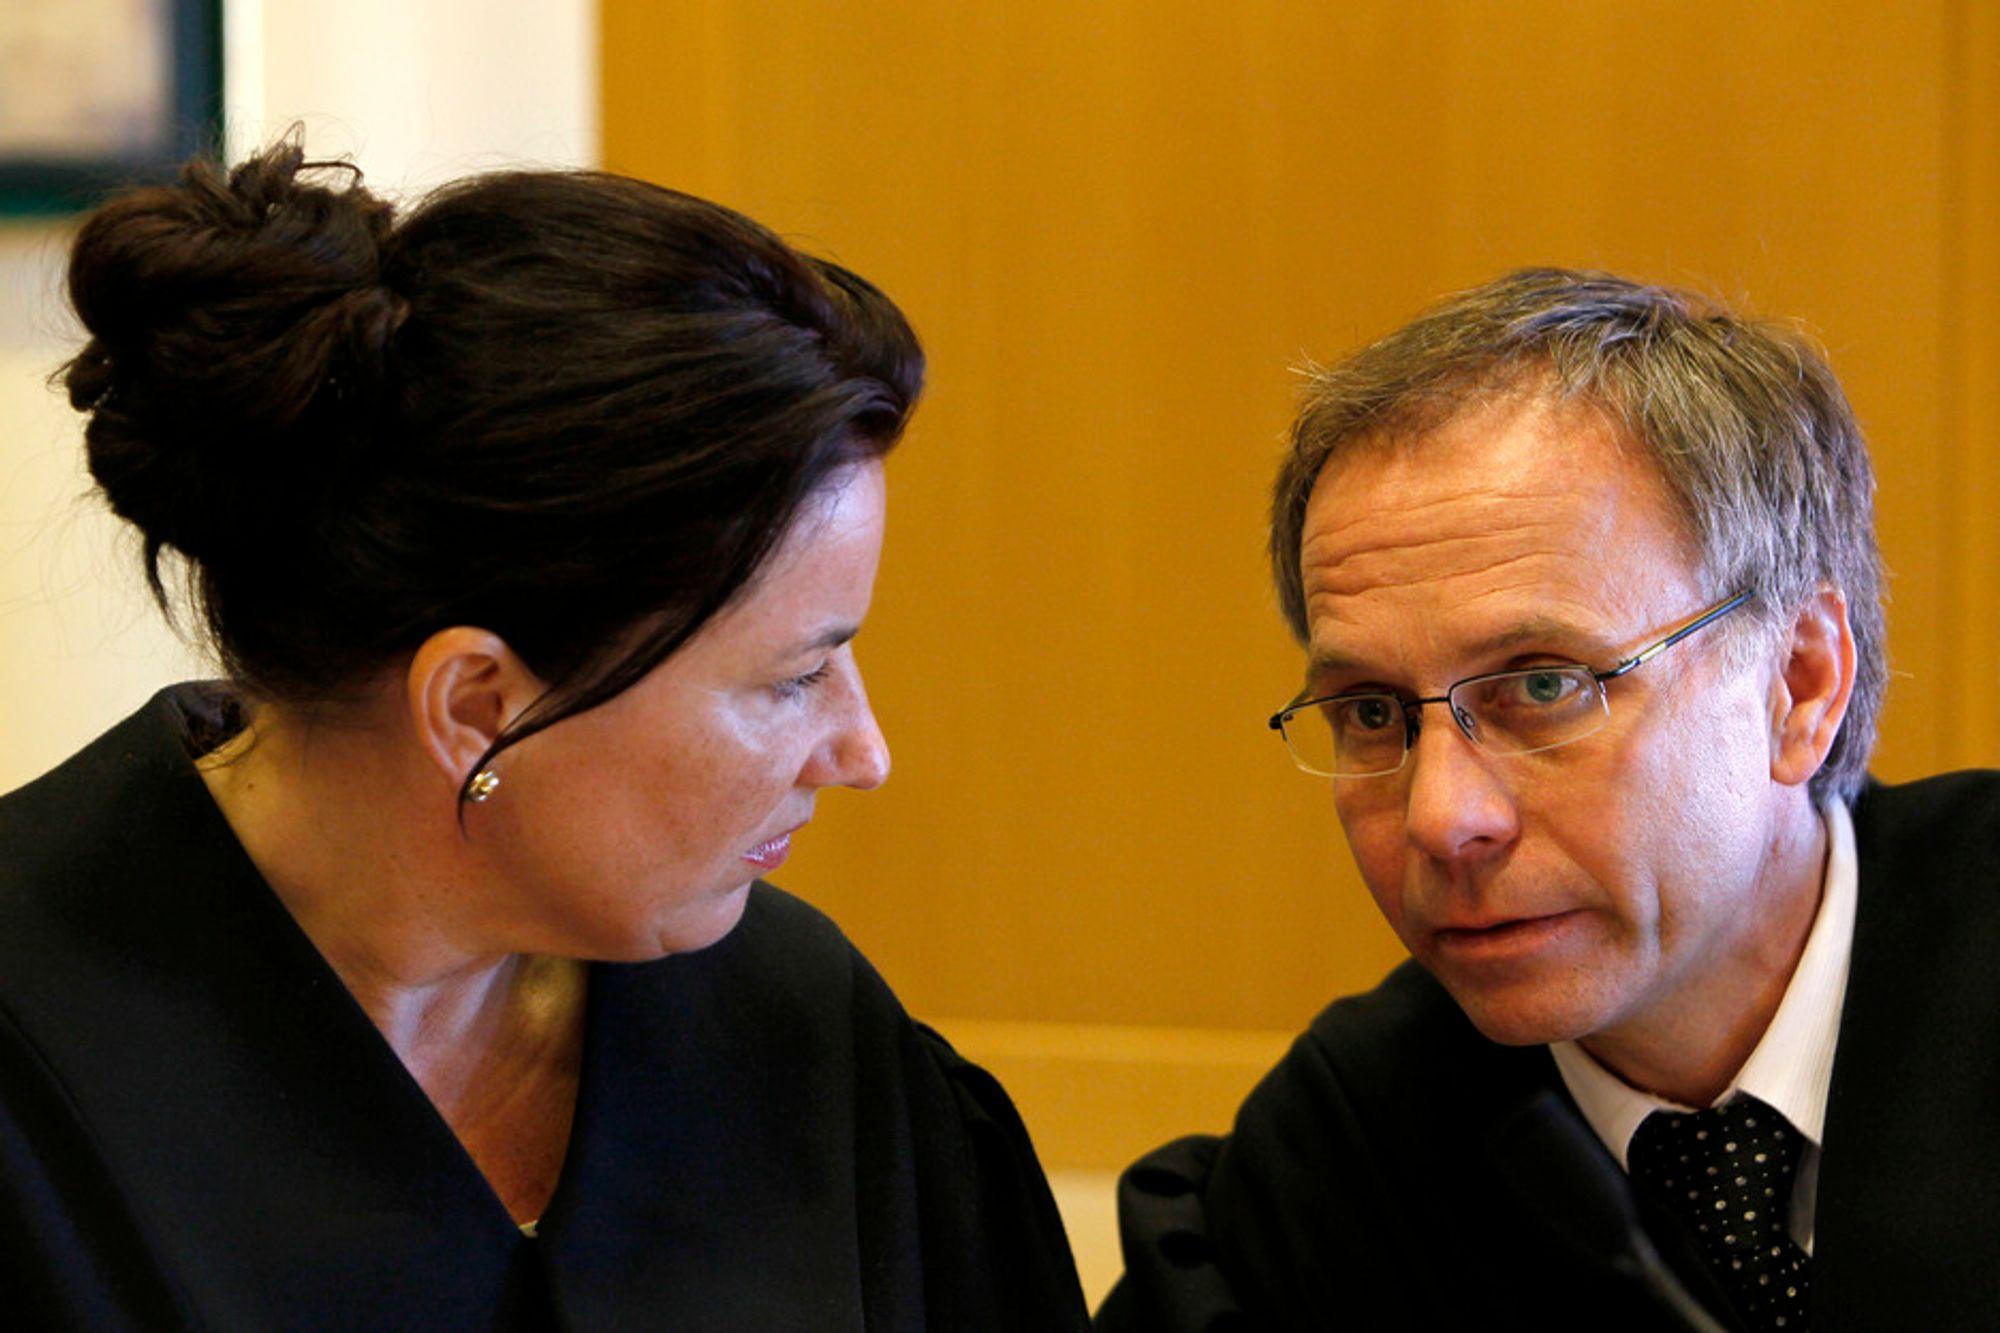 Aktorene Siri Karlsen og Petter Sødal i samtale under Full City-saken.